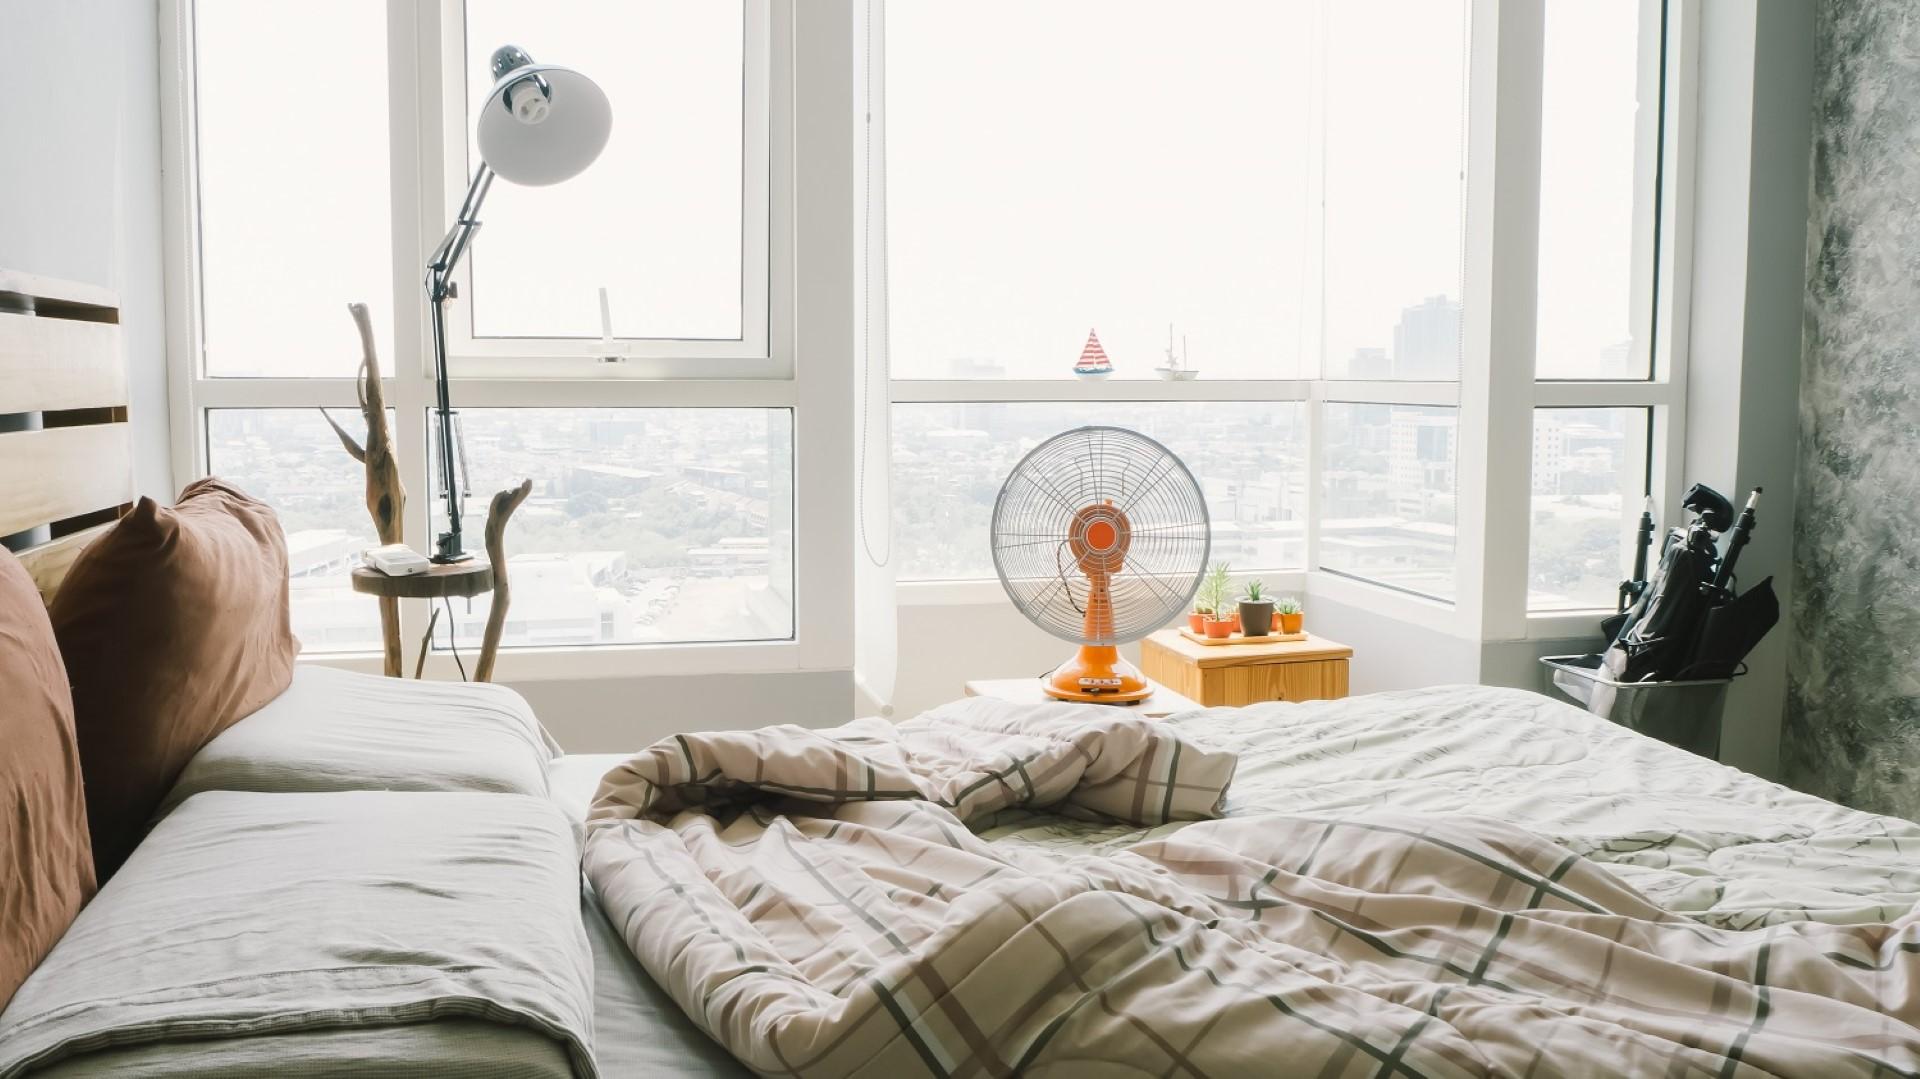 Temp rature id ale dans la chambre que pr f rez vous for Temperature chambre